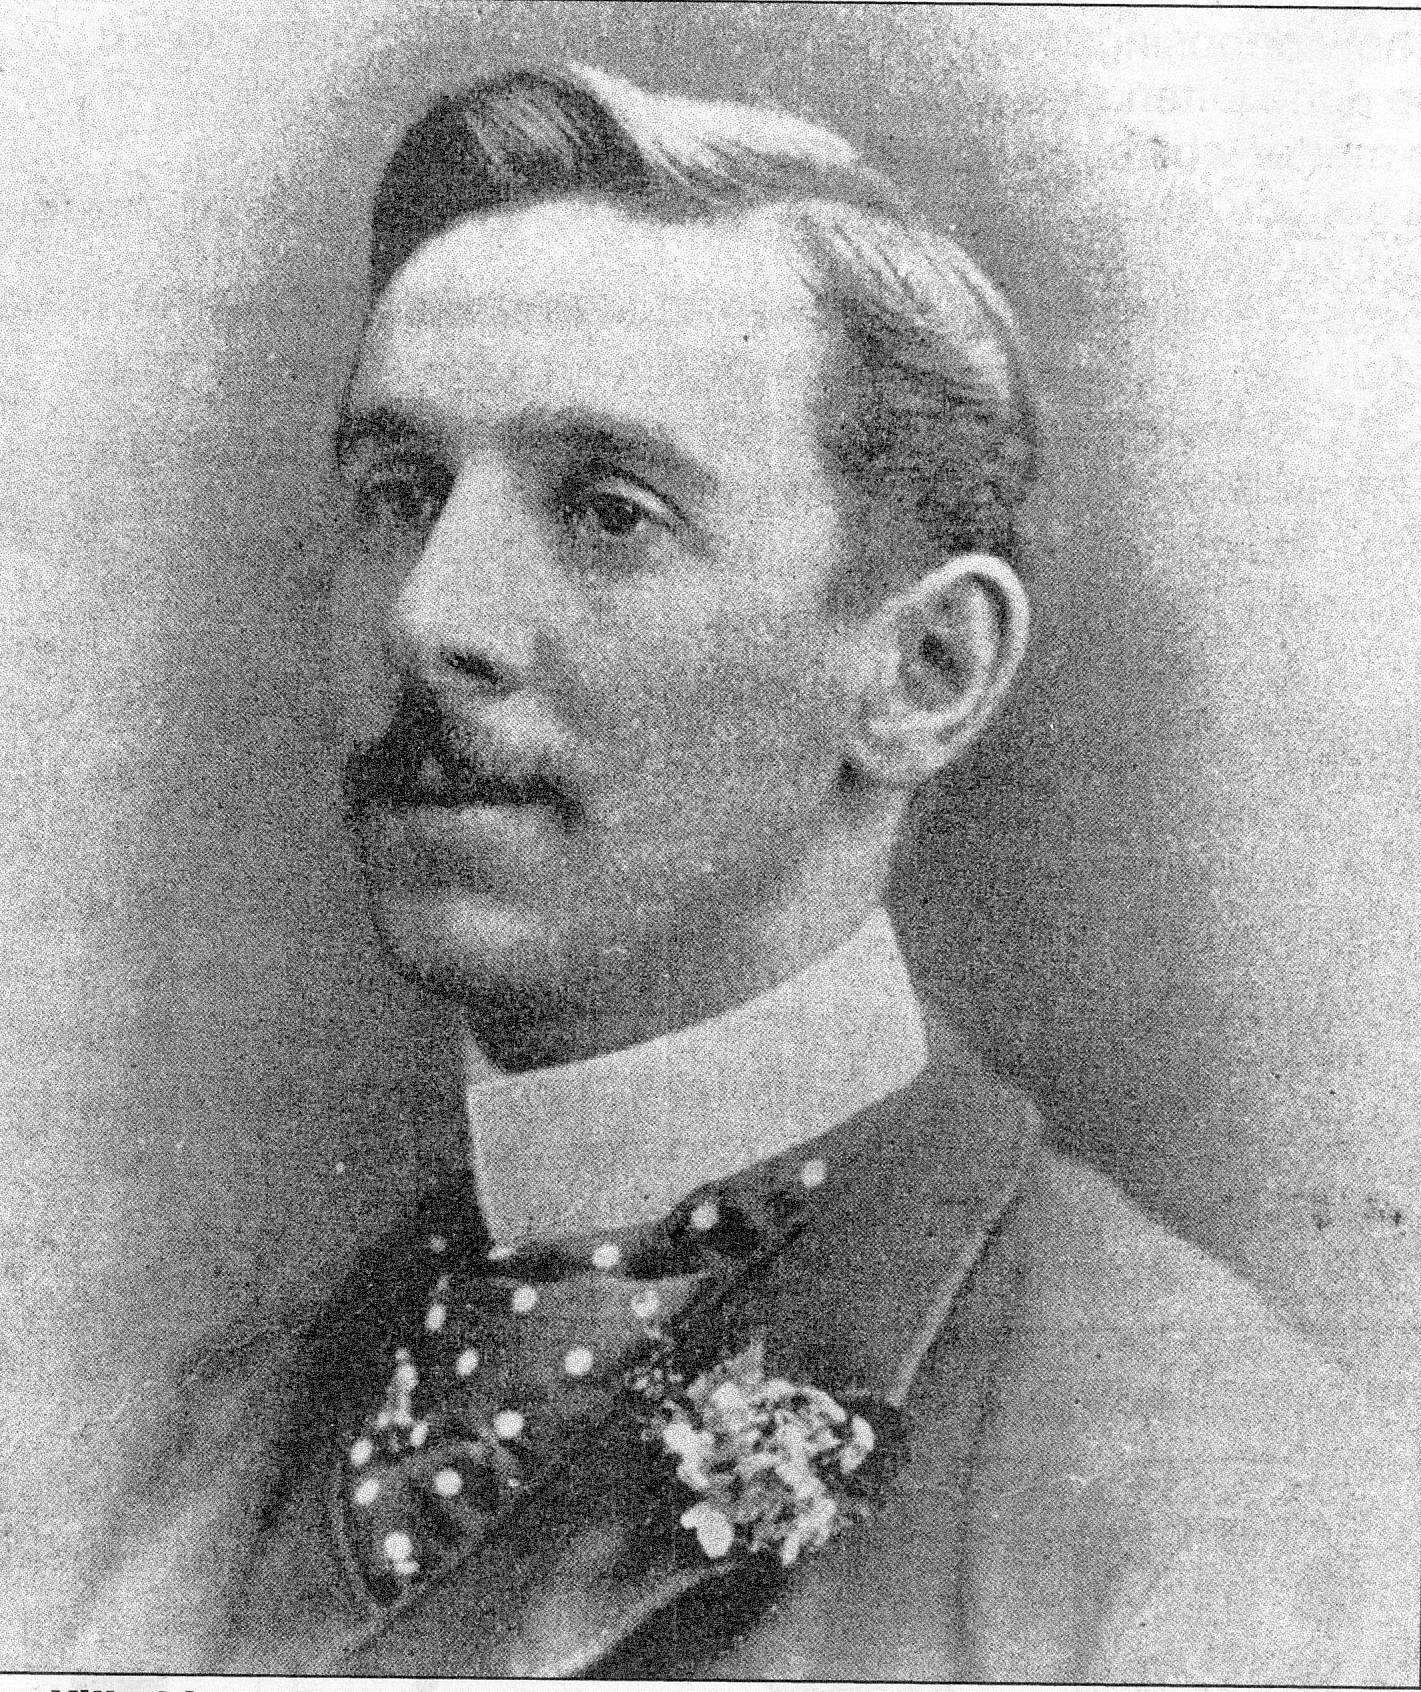 George Nethercott - Boer War Soldier